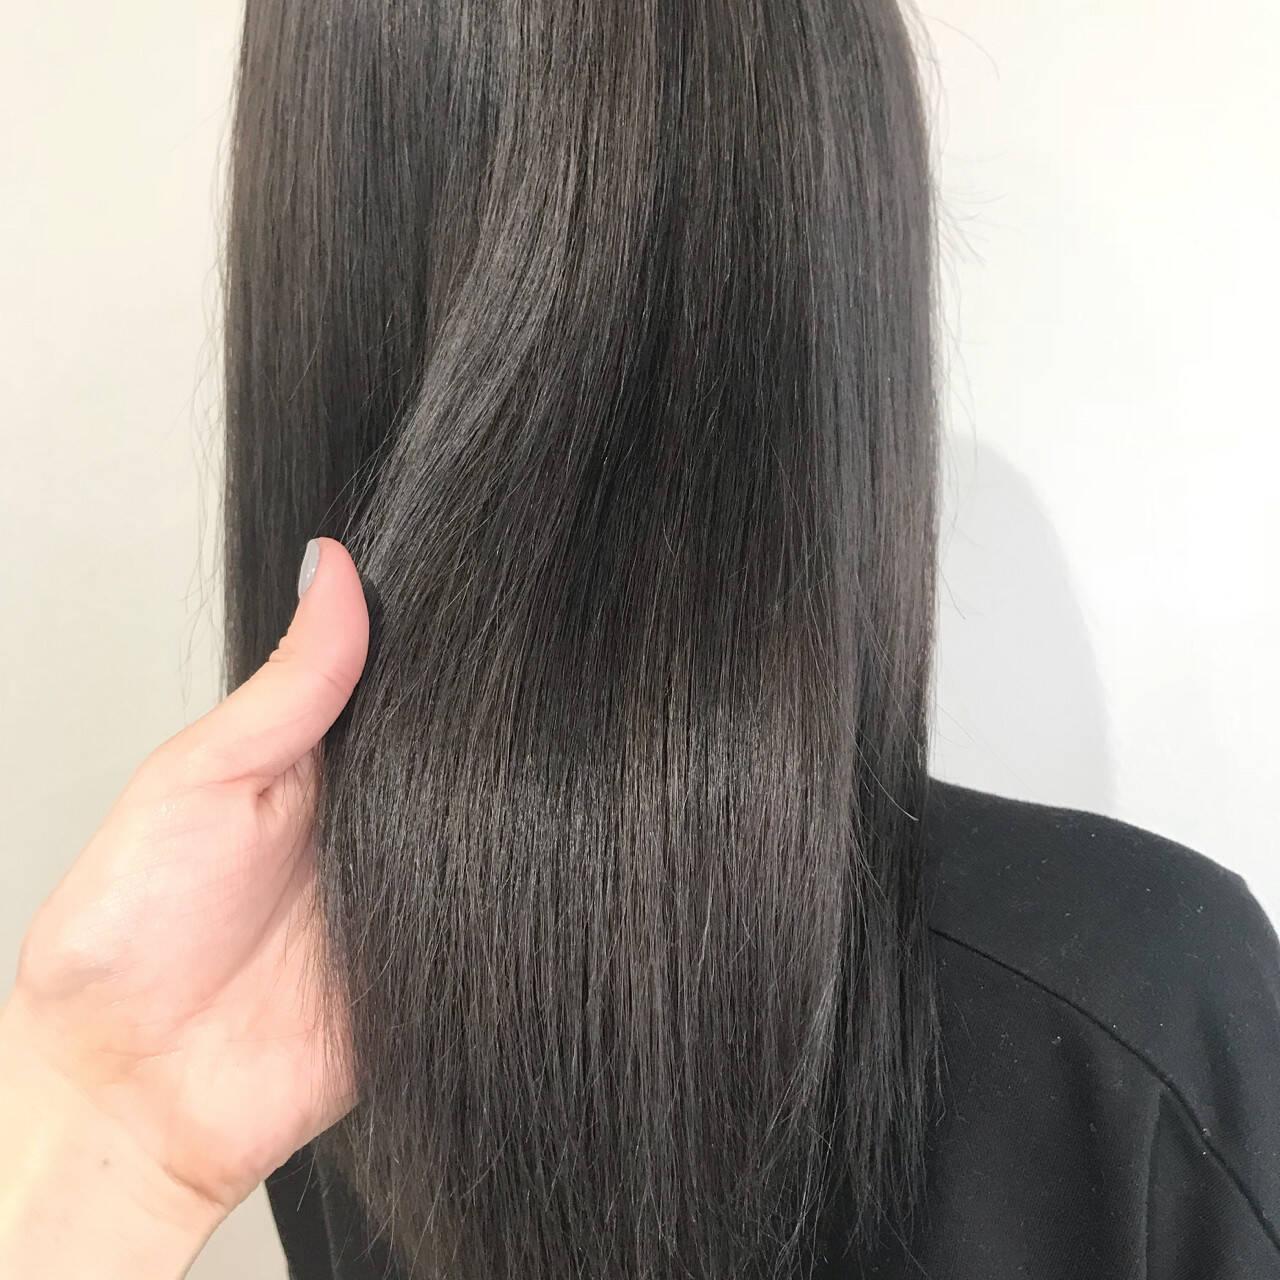 ロング 透明感 外国人風カラー アッシュグレーヘアスタイルや髪型の写真・画像